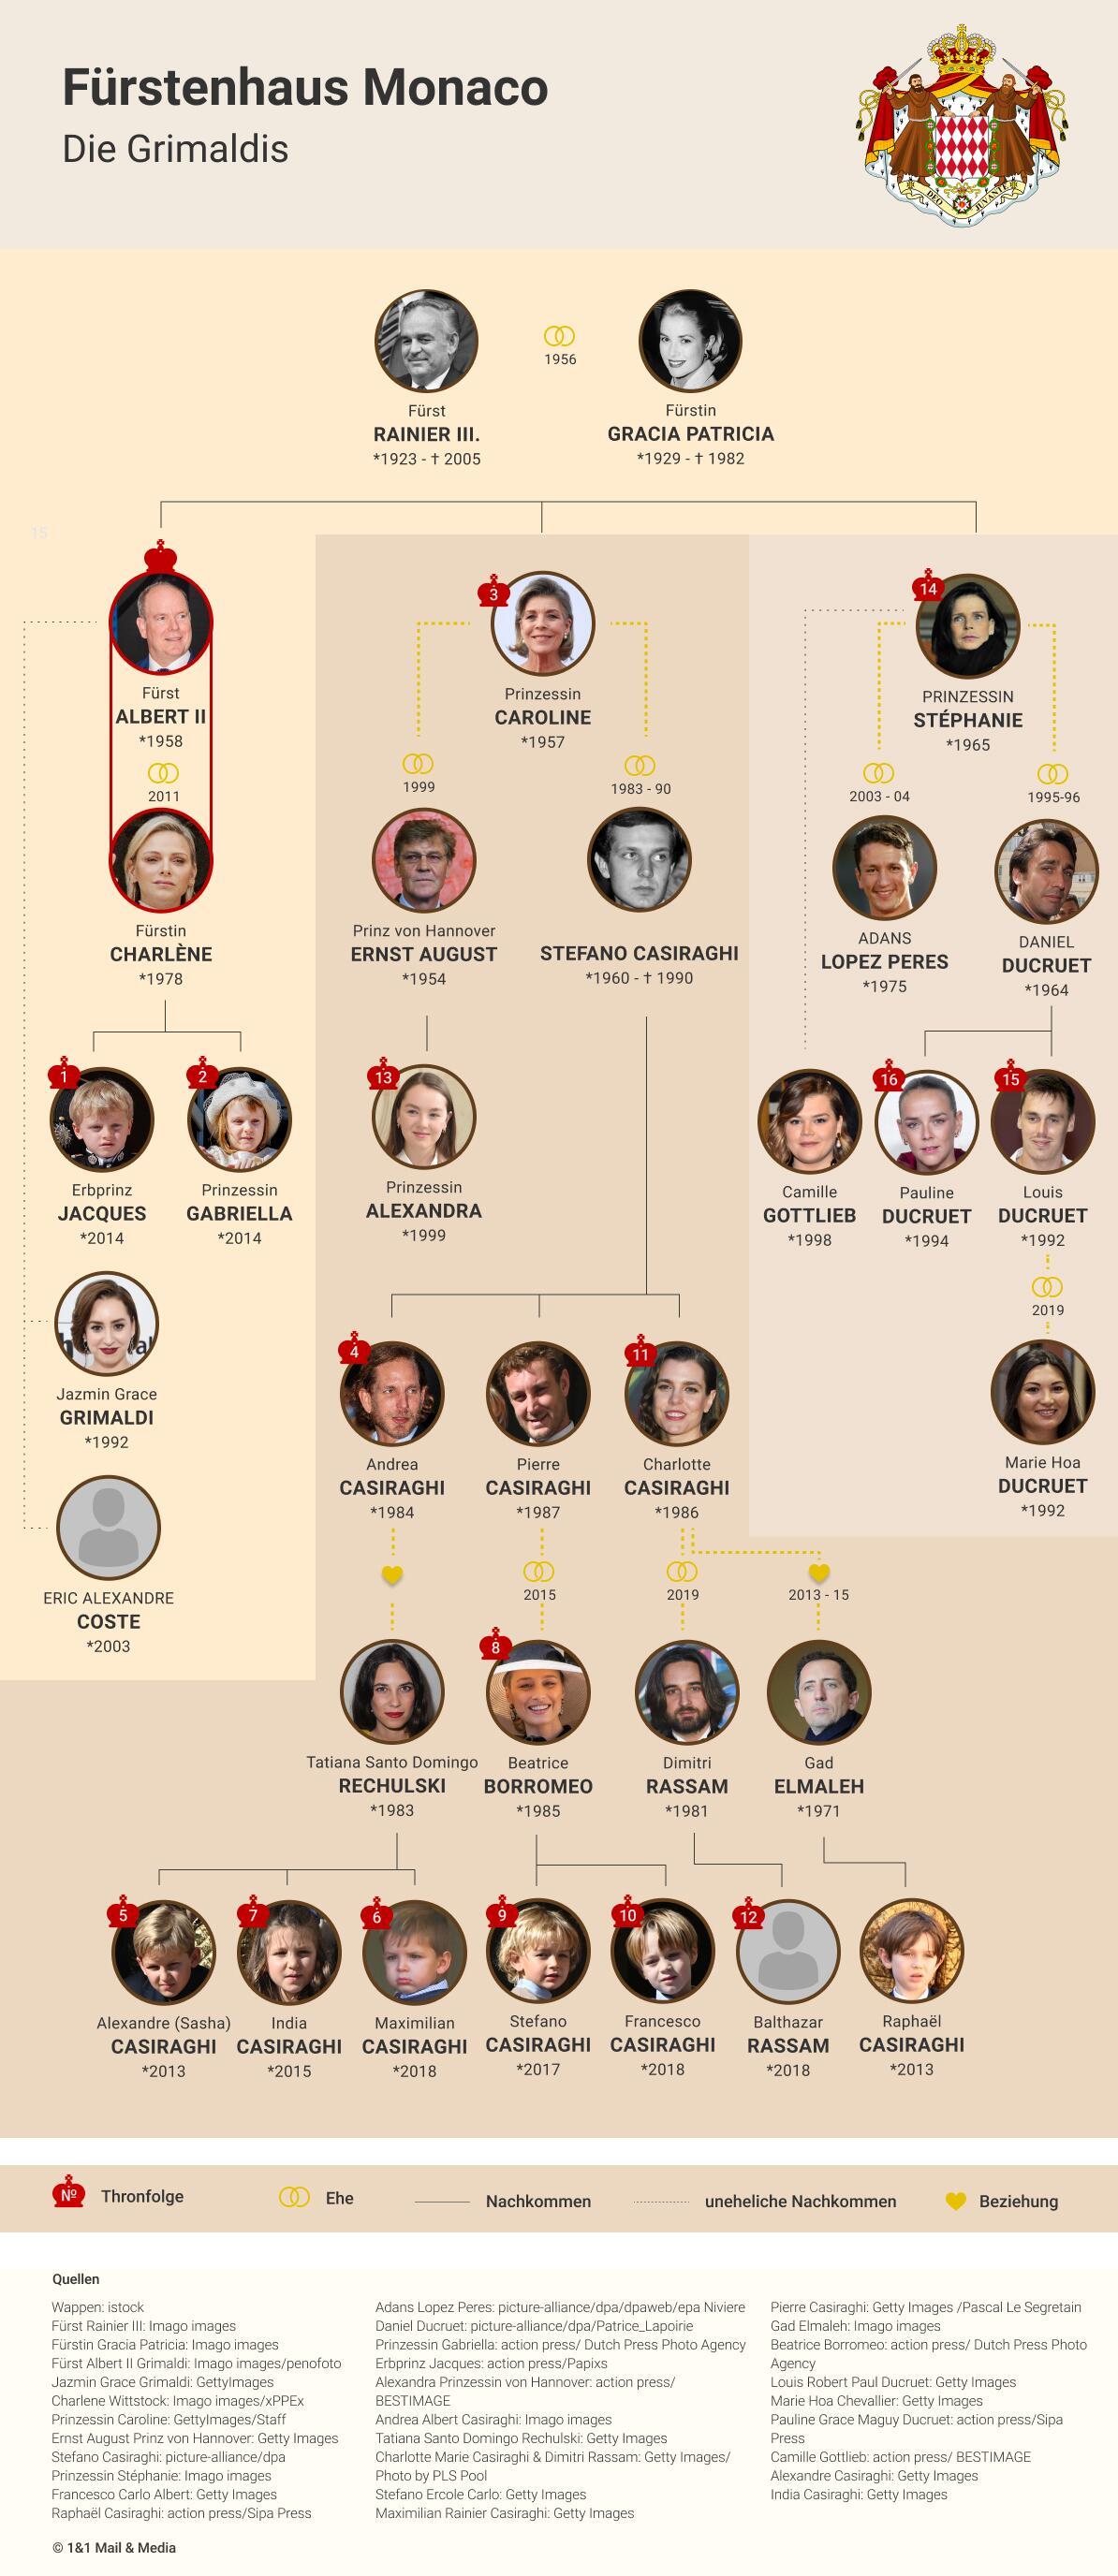 Bild zu Stammbaum des Fürstentums Monaco